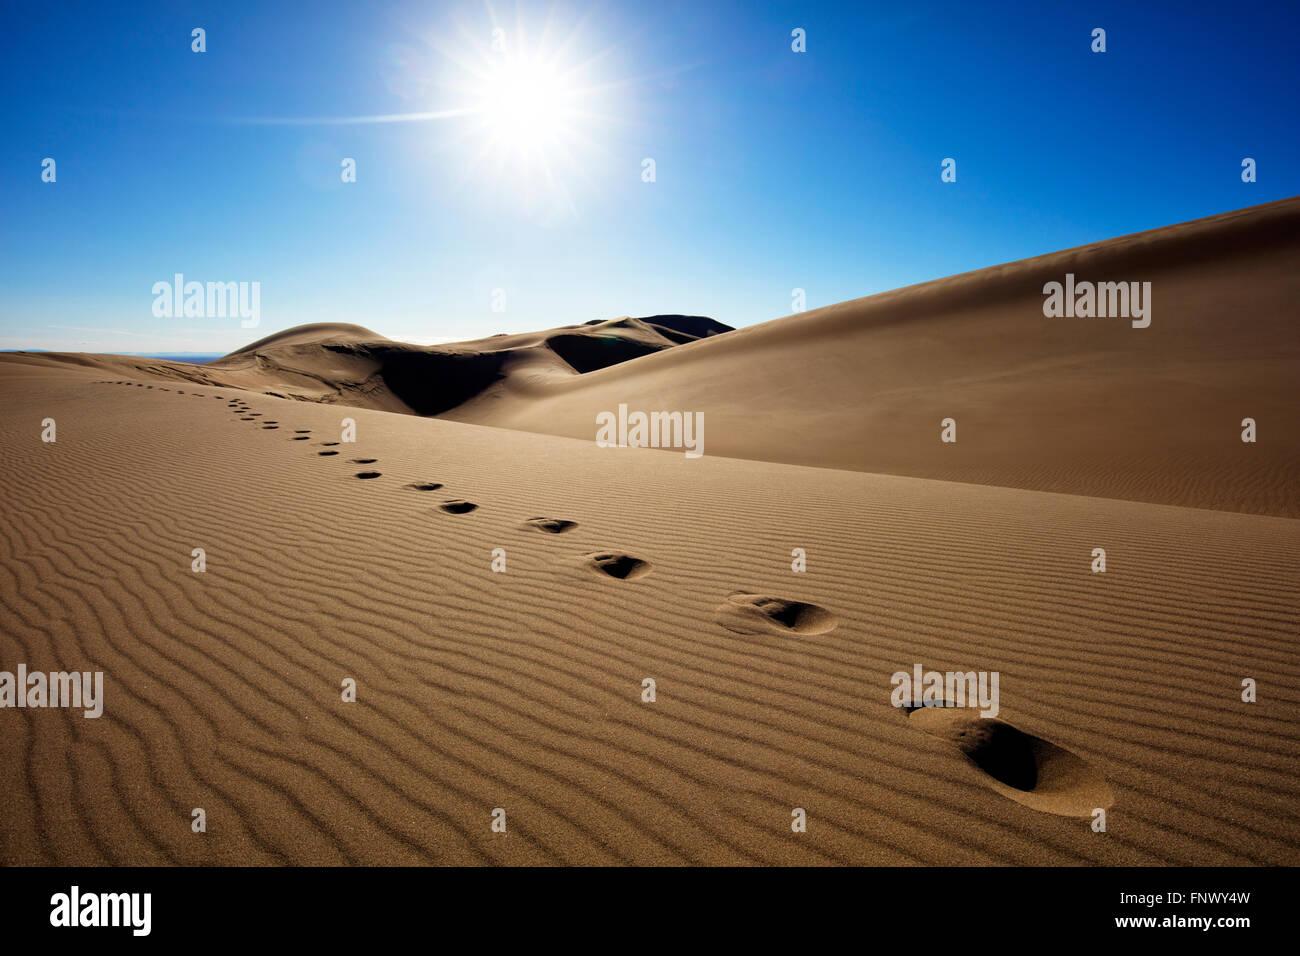 Plus de traces du soleil dans les dunes de sable du désert, Great Sand Dunes National Park, Colorado, USA. Photo Stock